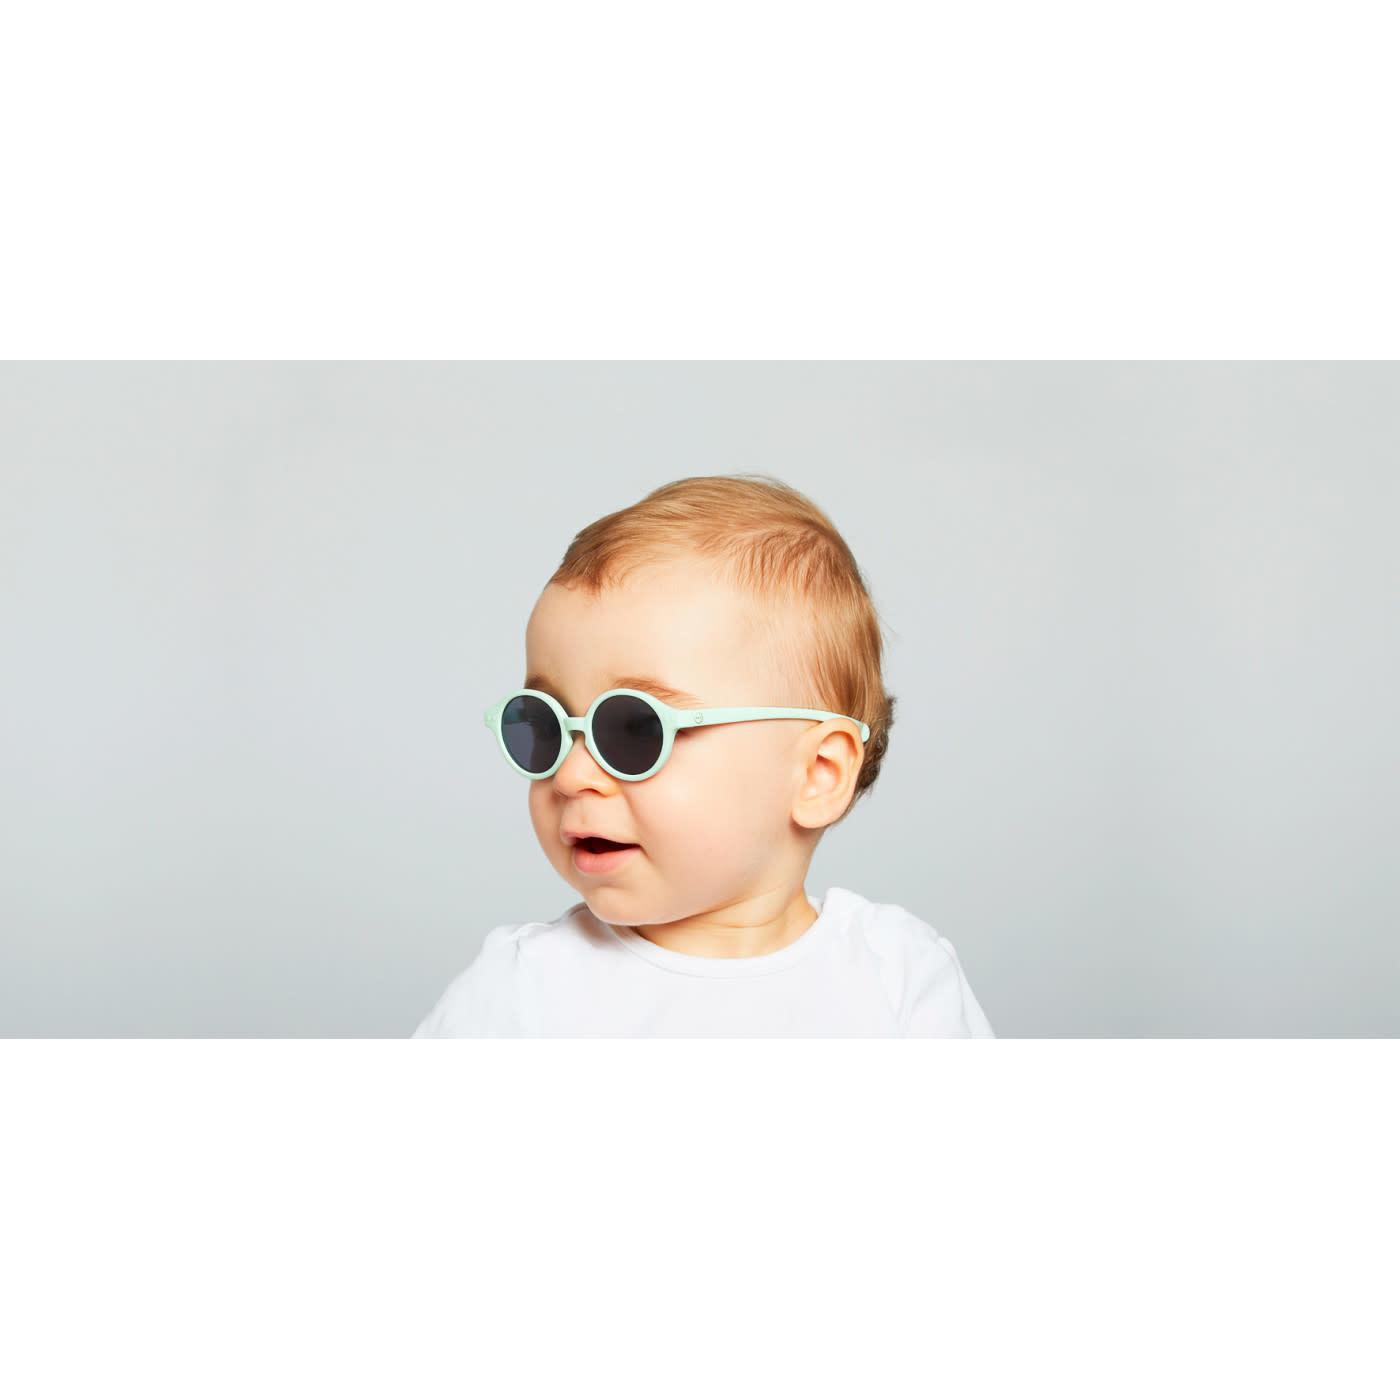 Izipizi Izipizi baby sky blue 0-12 months